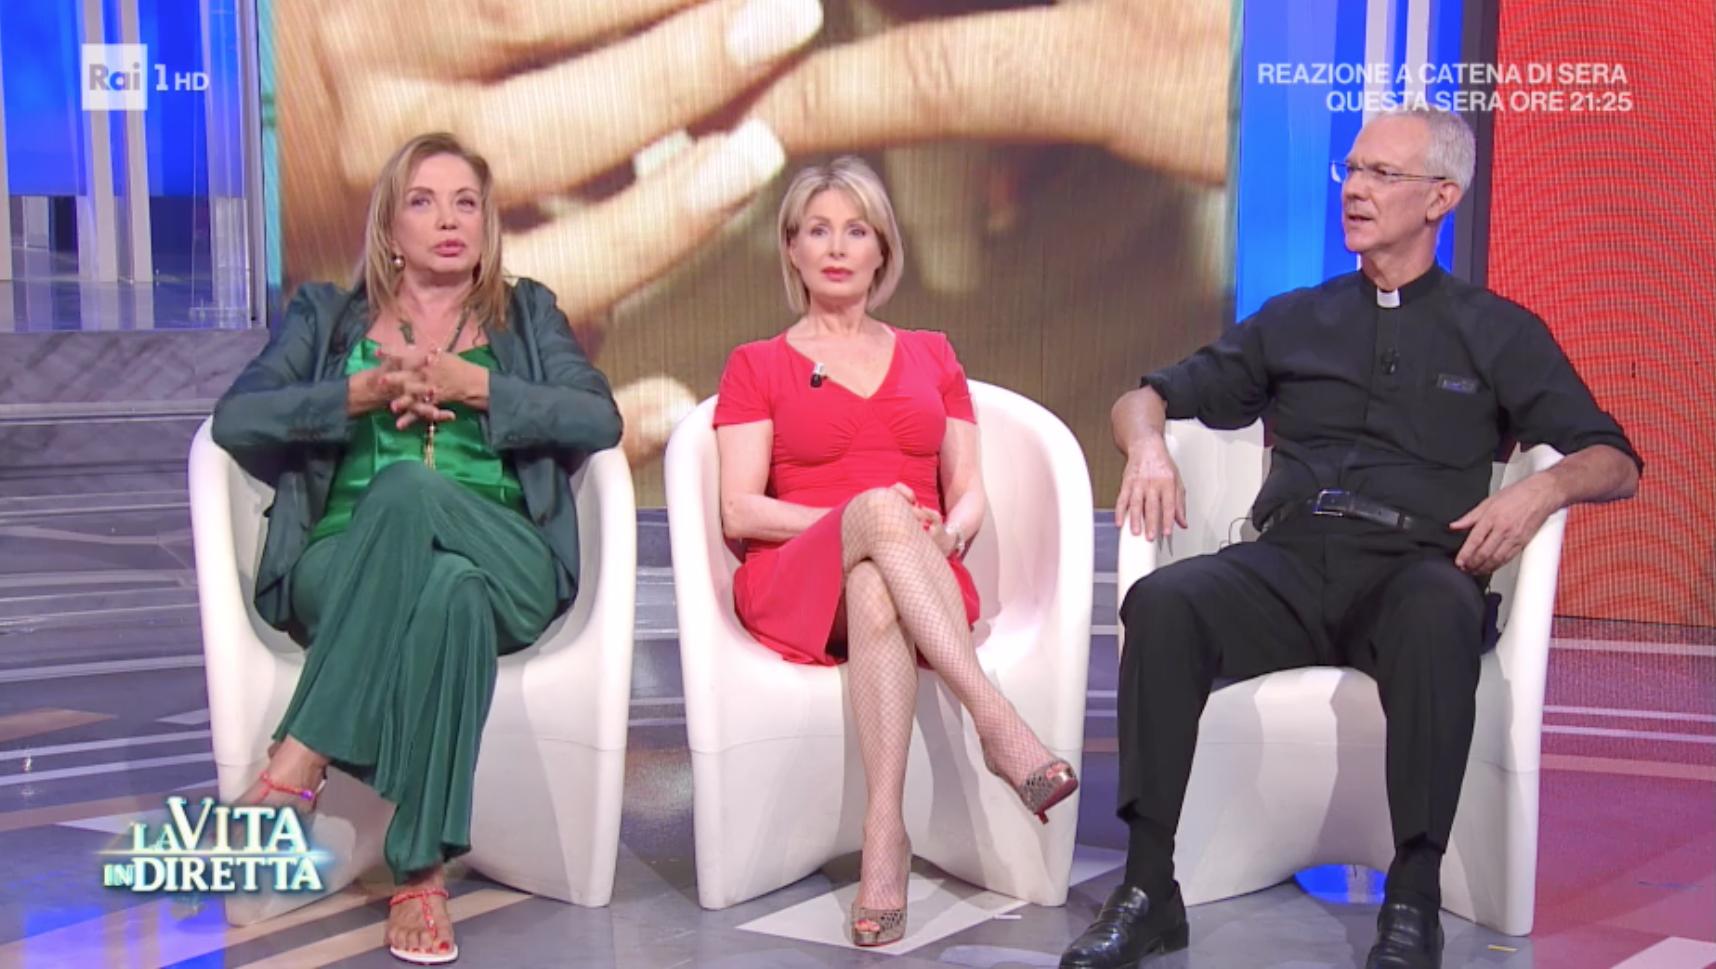 Matrimonio Tema Siciliano : La vita in diretta puntata sul matrimonio come gesù